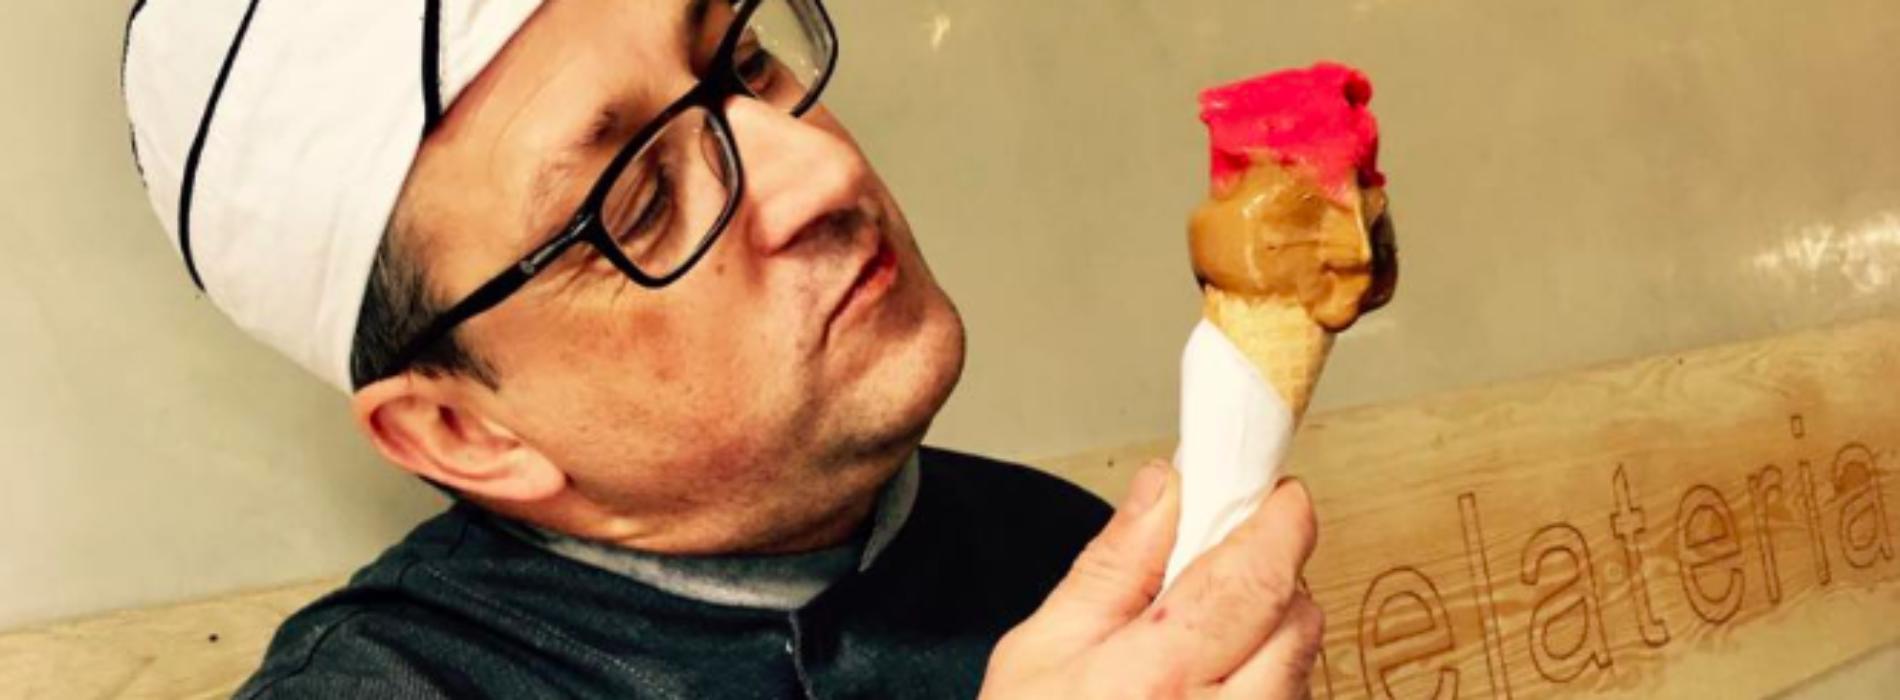 """Otaleg a Trastevere Roma, Marco Radicioni: """"Arrivano grattachecca e frozen yogurt. Ma provate anche la liquirizia"""""""